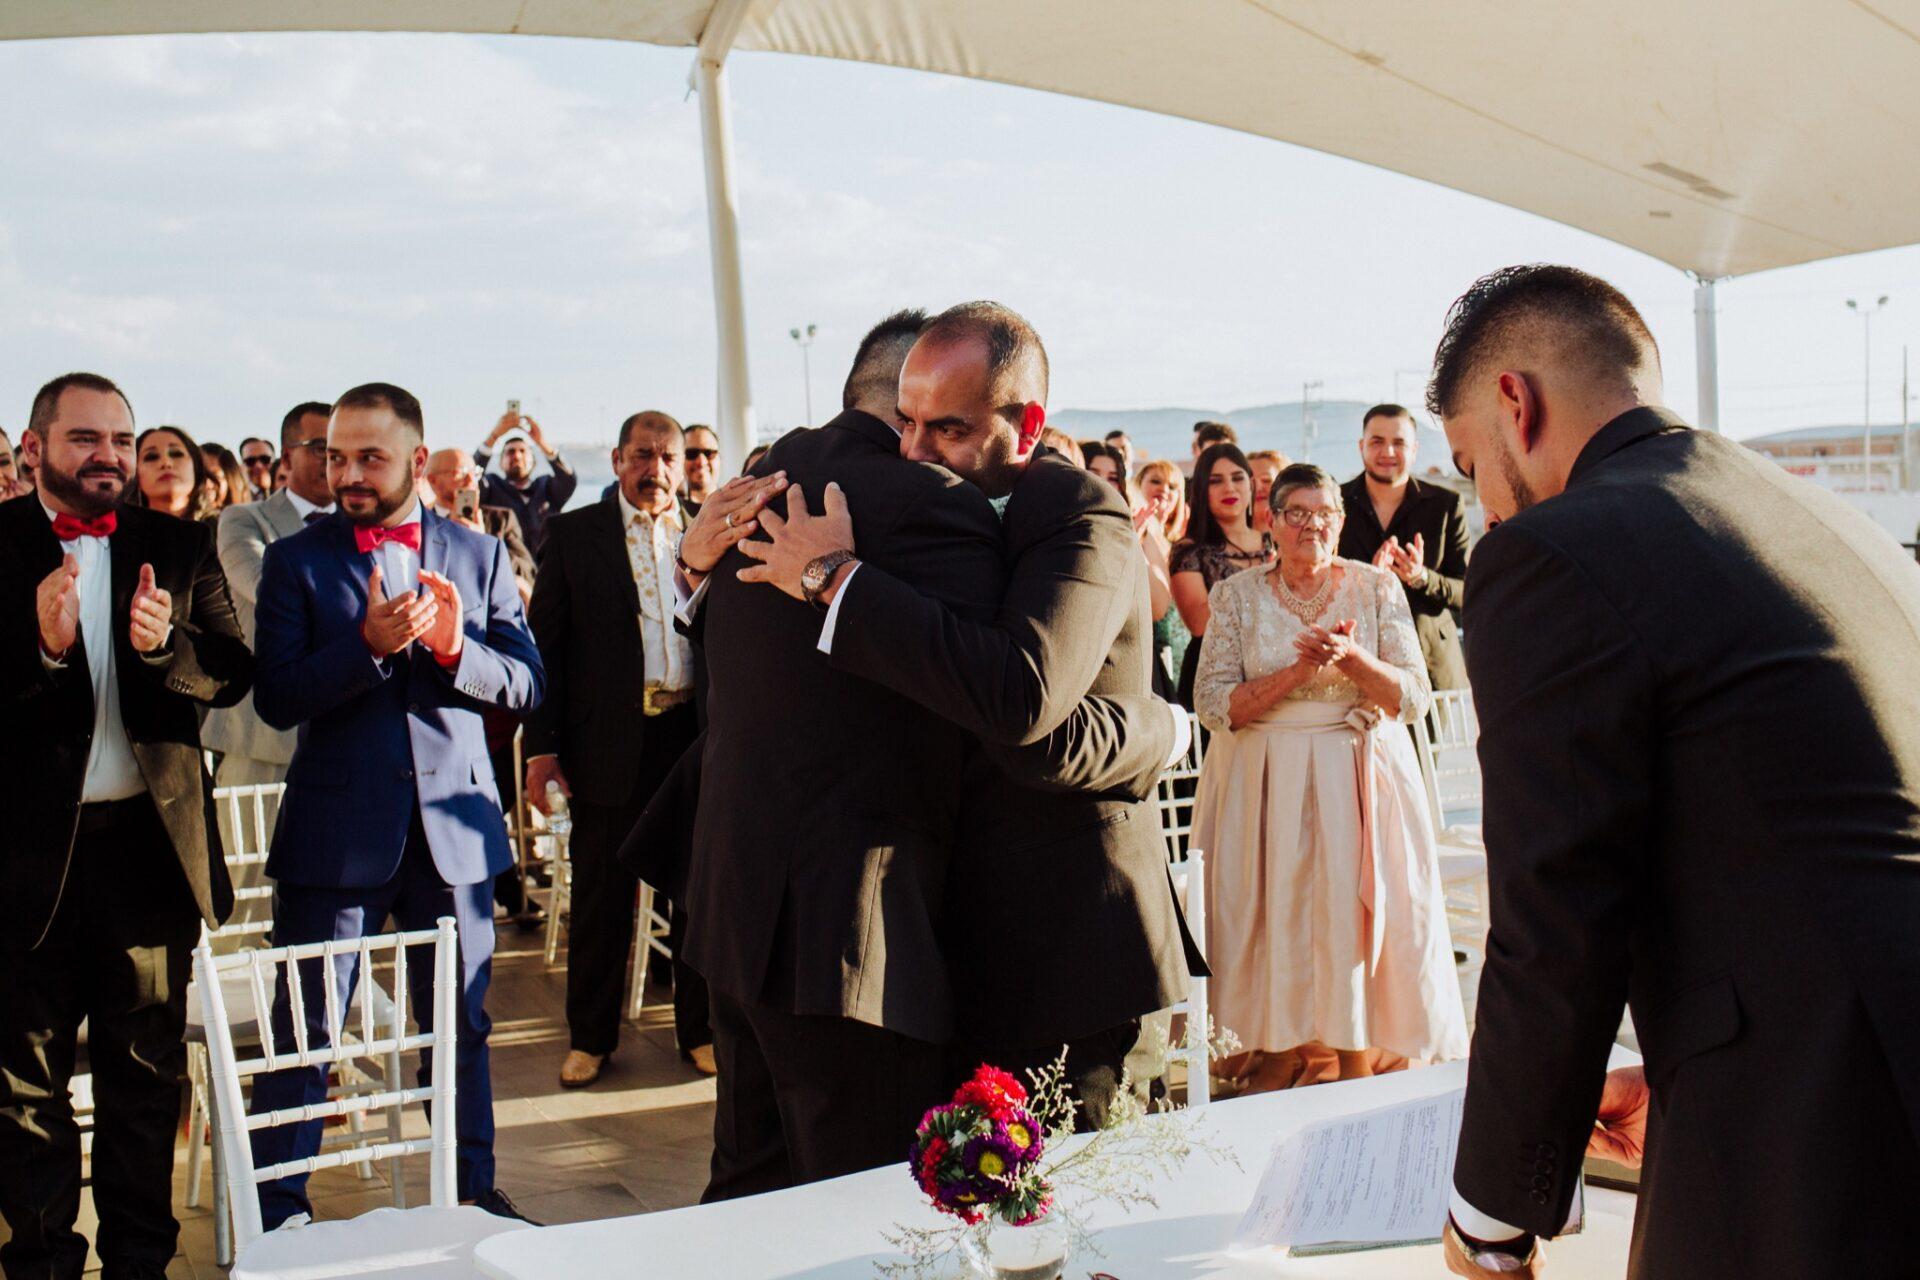 javier_noriega_fotografo_bodas_alicia_garden_zacatecas_wedding_photographer16